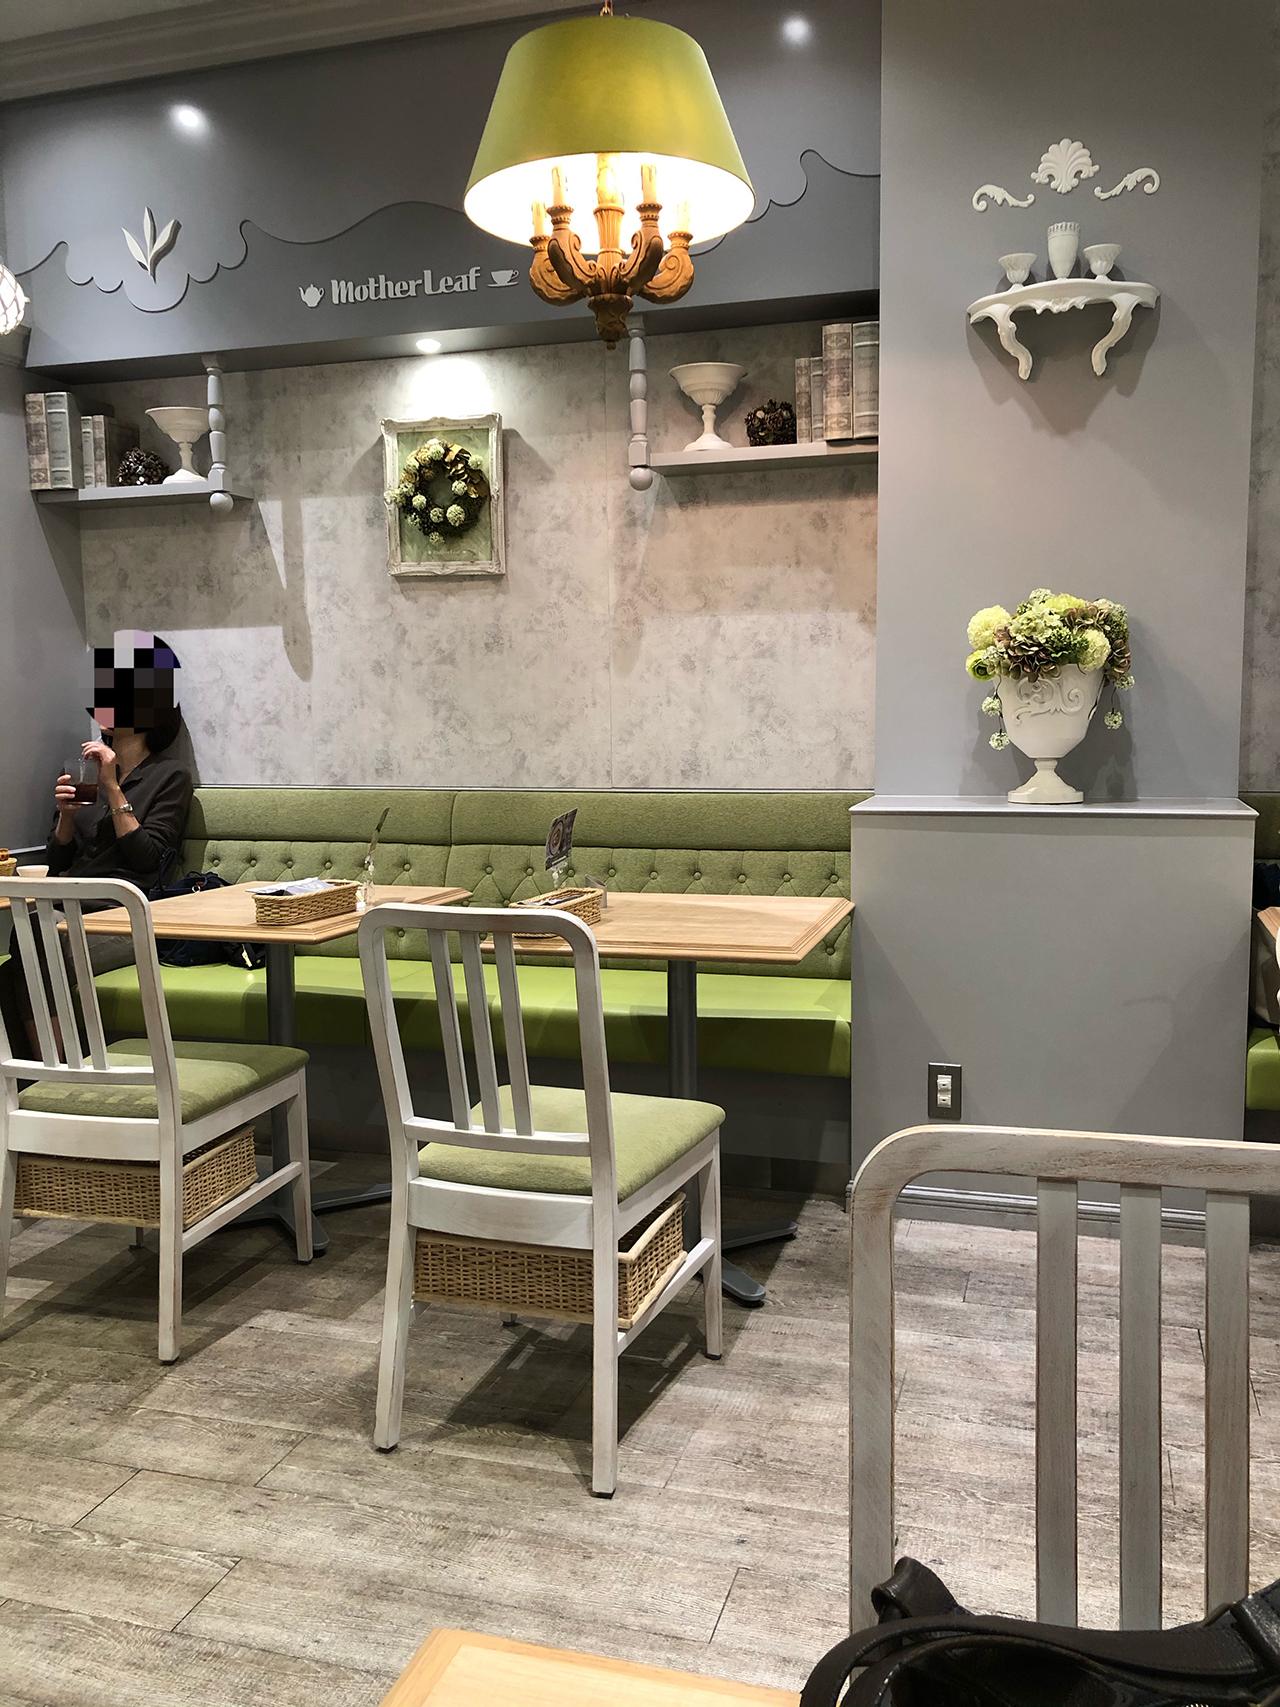 マザーリーフ(mother leaf) ららぽーとTOKYO-BAY店の投稿写真3